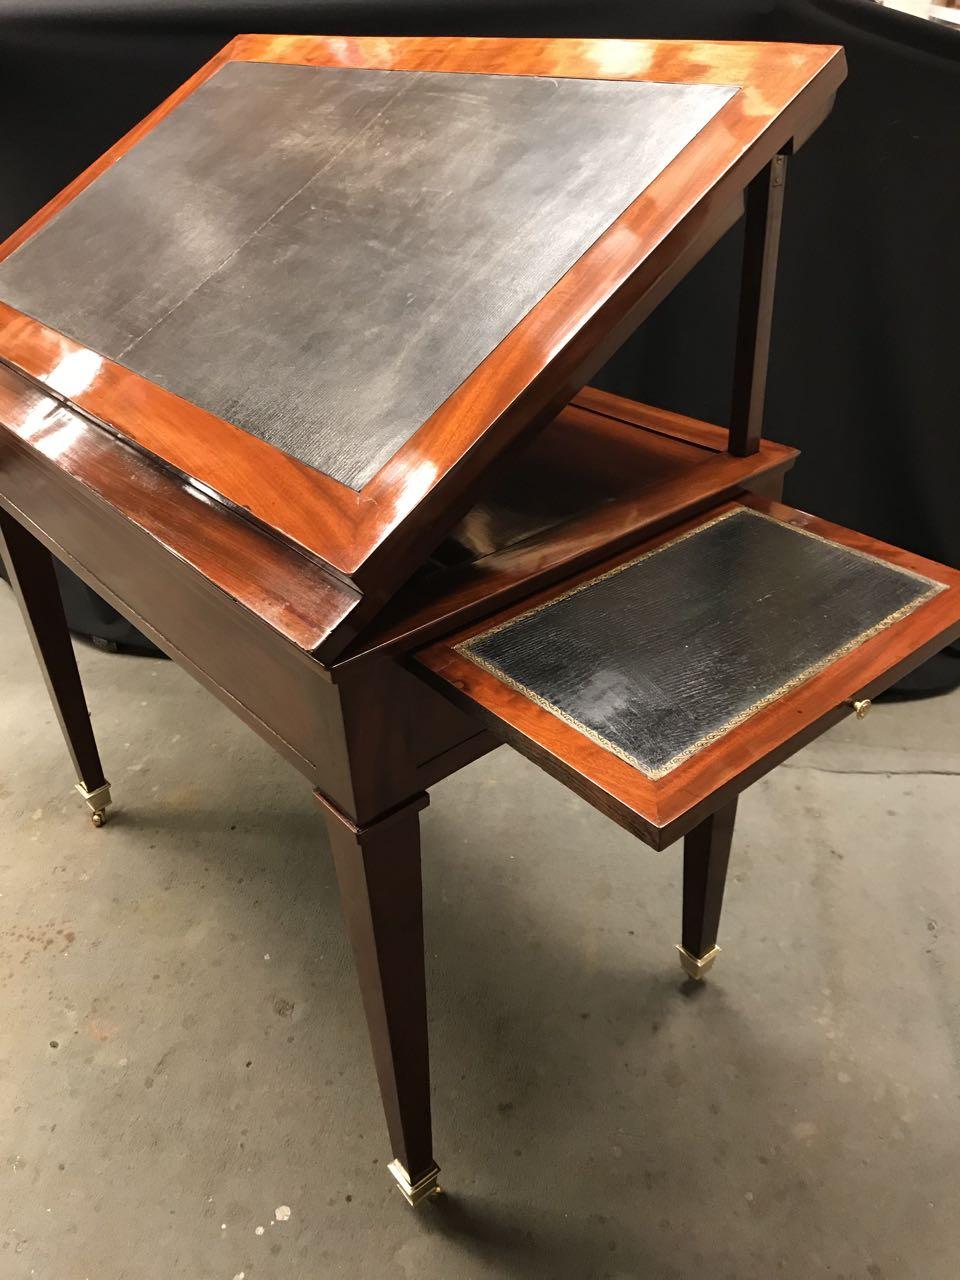 table dArchitecte dite à la Tronchin Epoque Louis XVI de forme rectangulaire en acajou et placage dacajou 21Atelier Patrice Bricout Marcq en Baroeul | Atelier Patrice Bricout